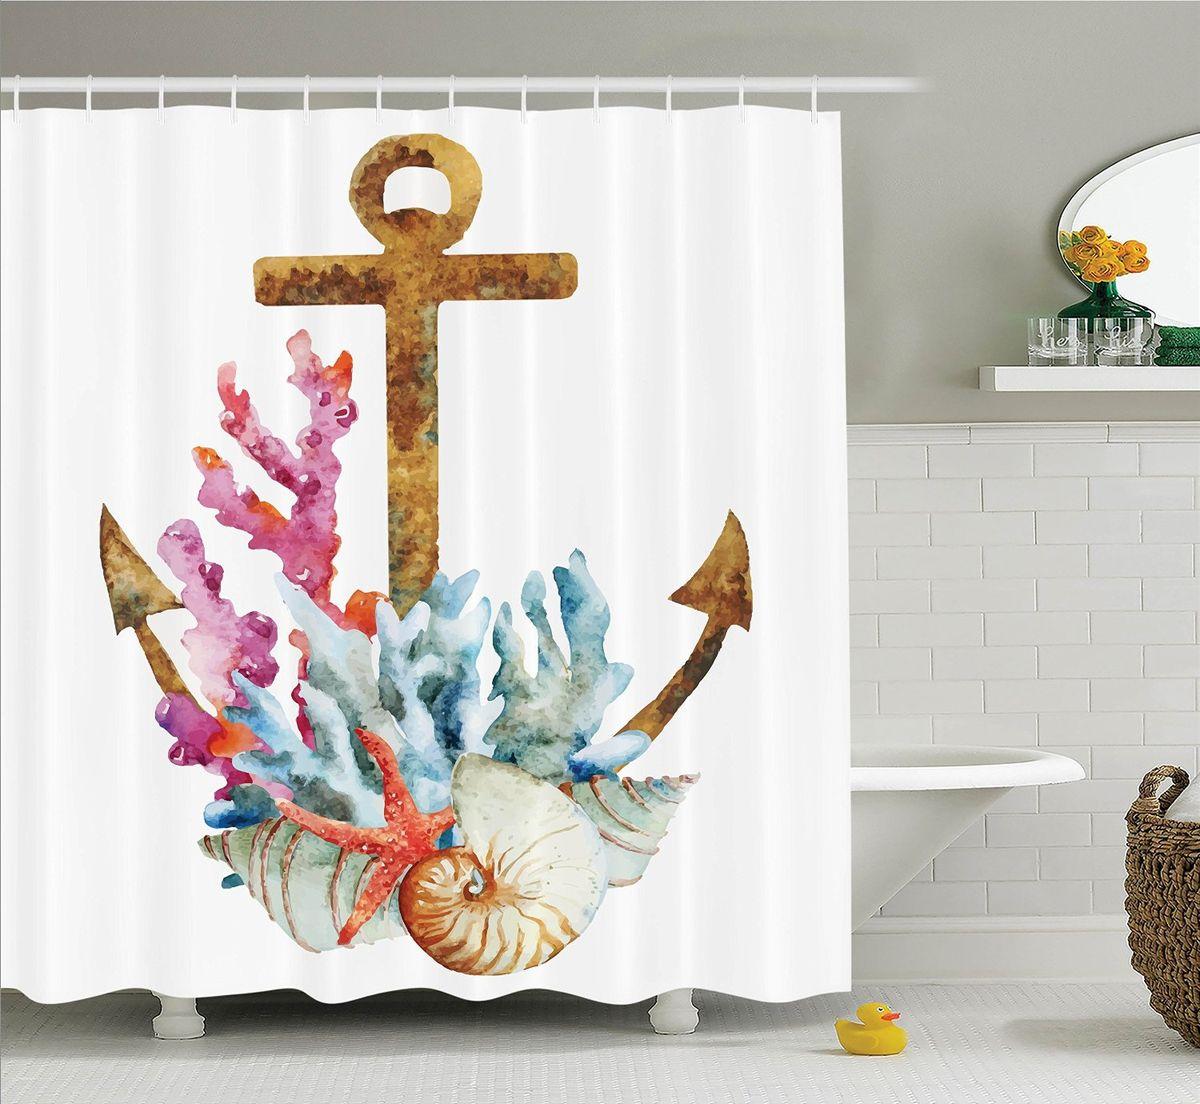 Штора для ванной комнаты Magic Lady Якорь, кораллы и ракушки, 180 х 200 см74-0120Штора Magic Lady Якорь, кораллы и ракушки, изготовленная из высококачественного сатена (полиэстер 100%), отлично дополнит любой интерьер ванной комнаты. При изготовлении используются специальные гипоаллергенные чернила для прямой печати по ткани, безопасные для человека.В комплекте: 1 штора, 12 крючков. Обращаем ваше внимание, фактический цвет изделия может незначительно отличаться от представленного на фото.